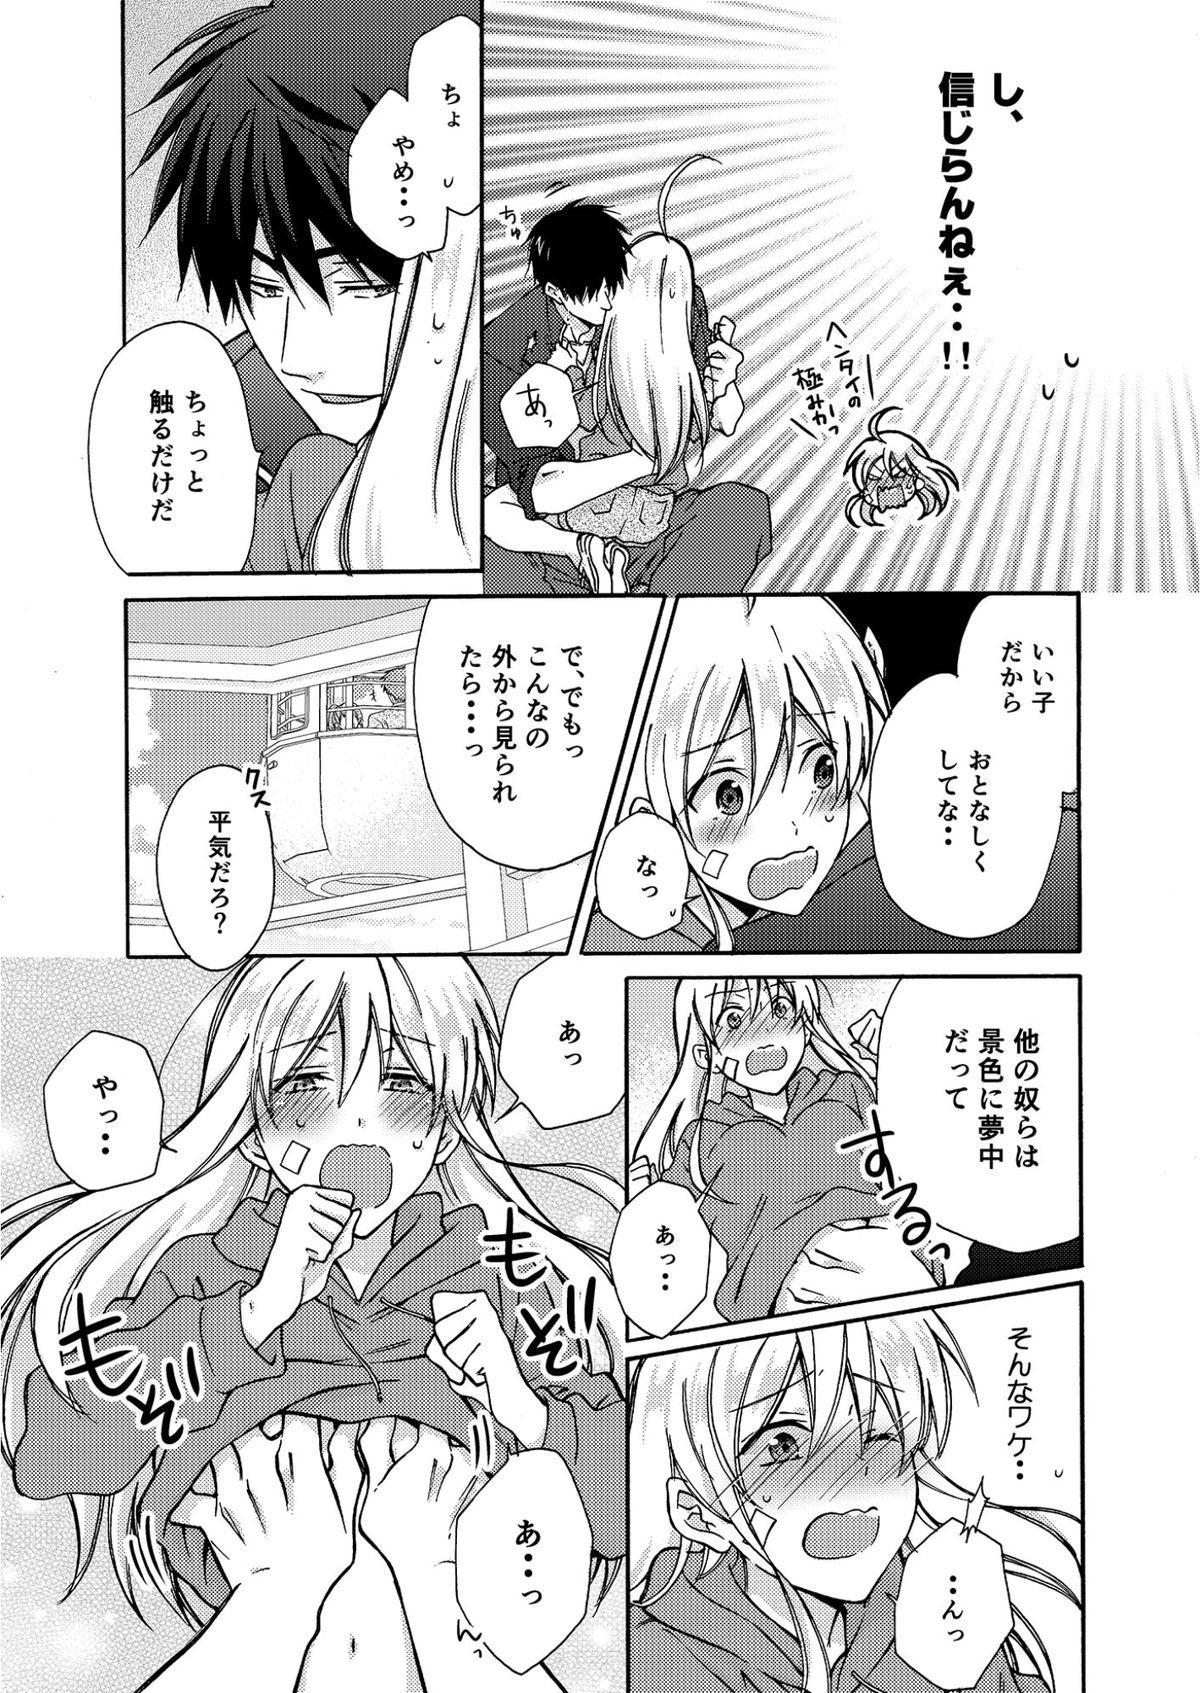 Nyotaika Yankee Gakuen ☆ Ore no Hajimete, Nerawaretemasu. 4 25